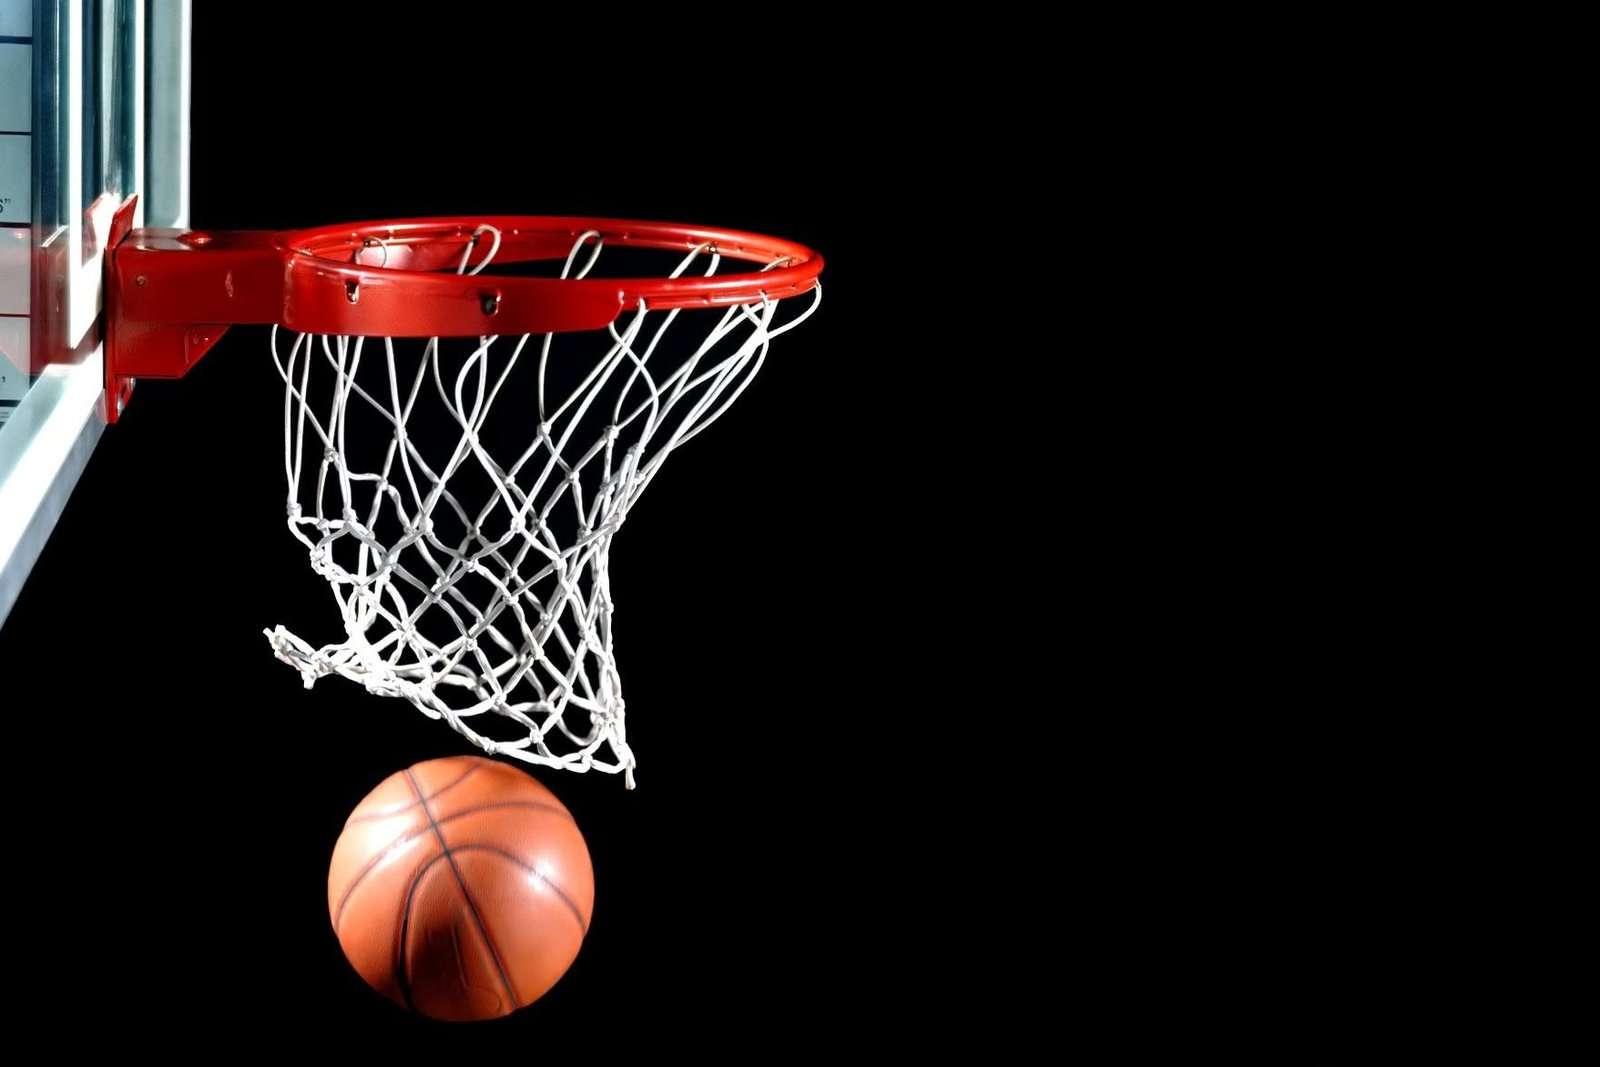 На стадионе «Спартак» может появиться баскетбольная арена